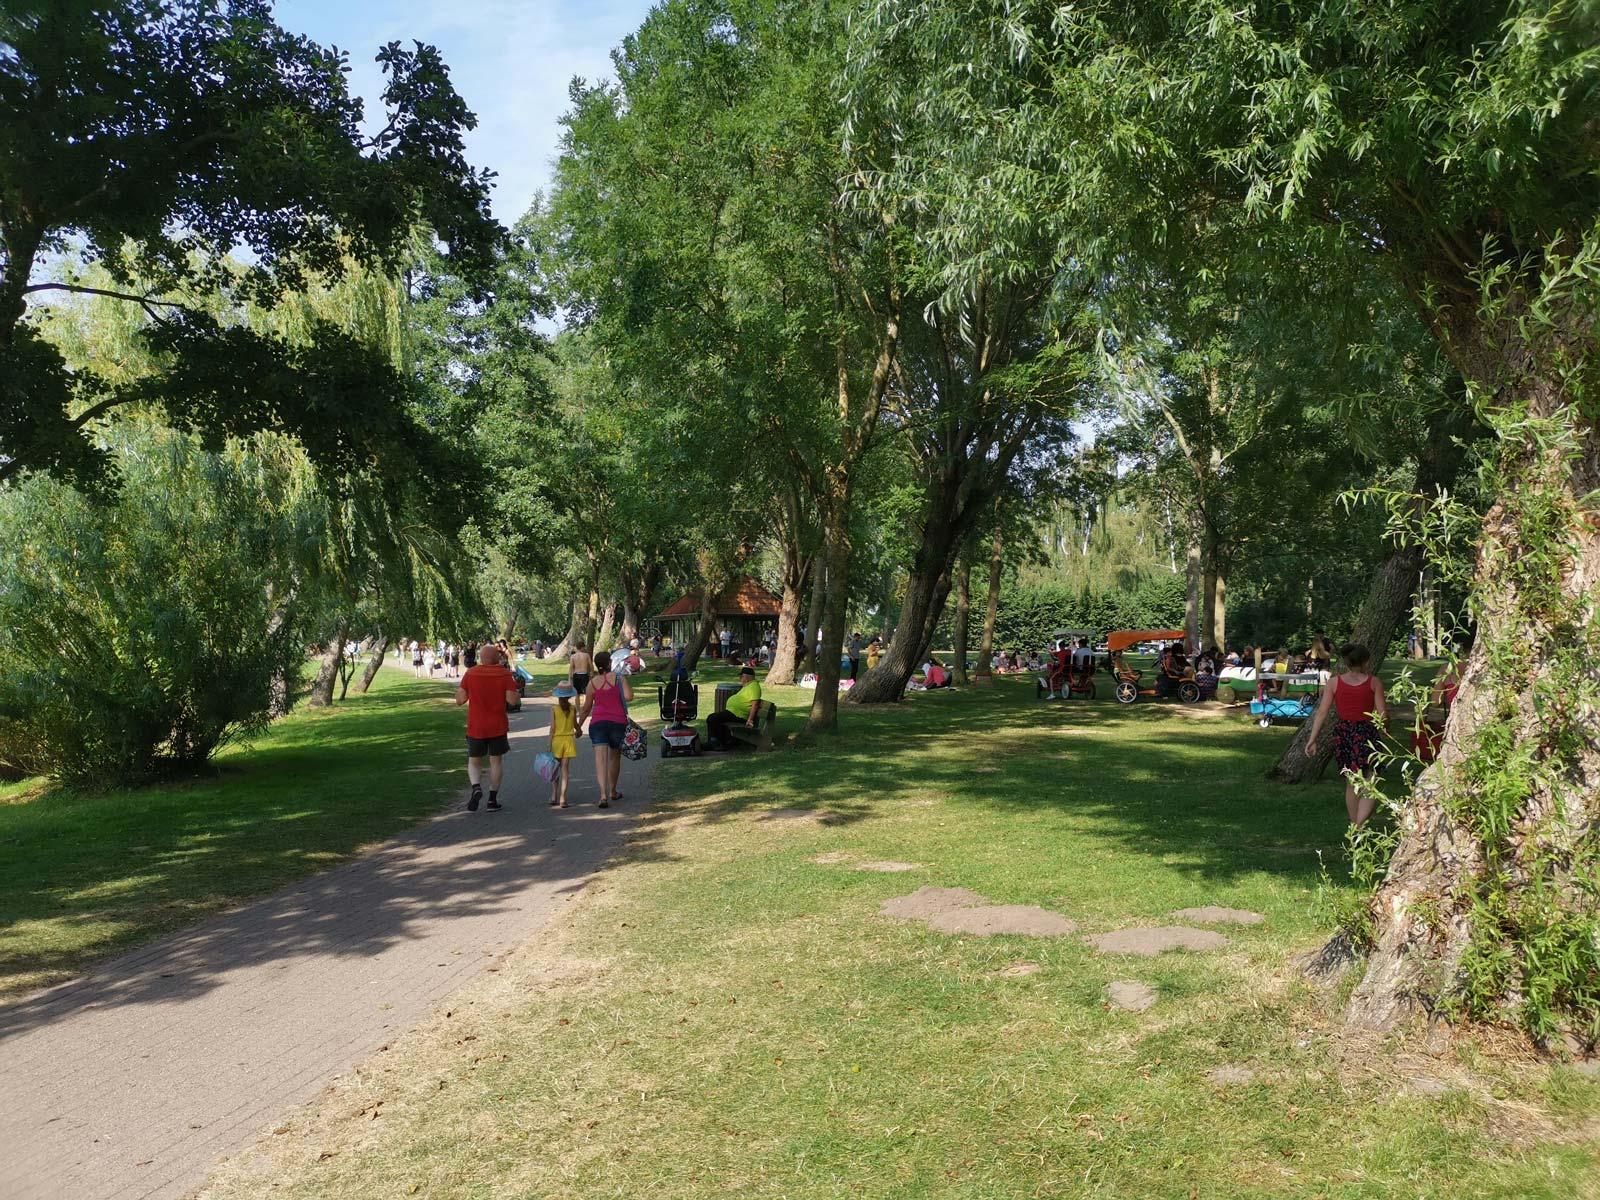 Spielplatz am See Achtern Diek im Feriengebiet Otterndorf